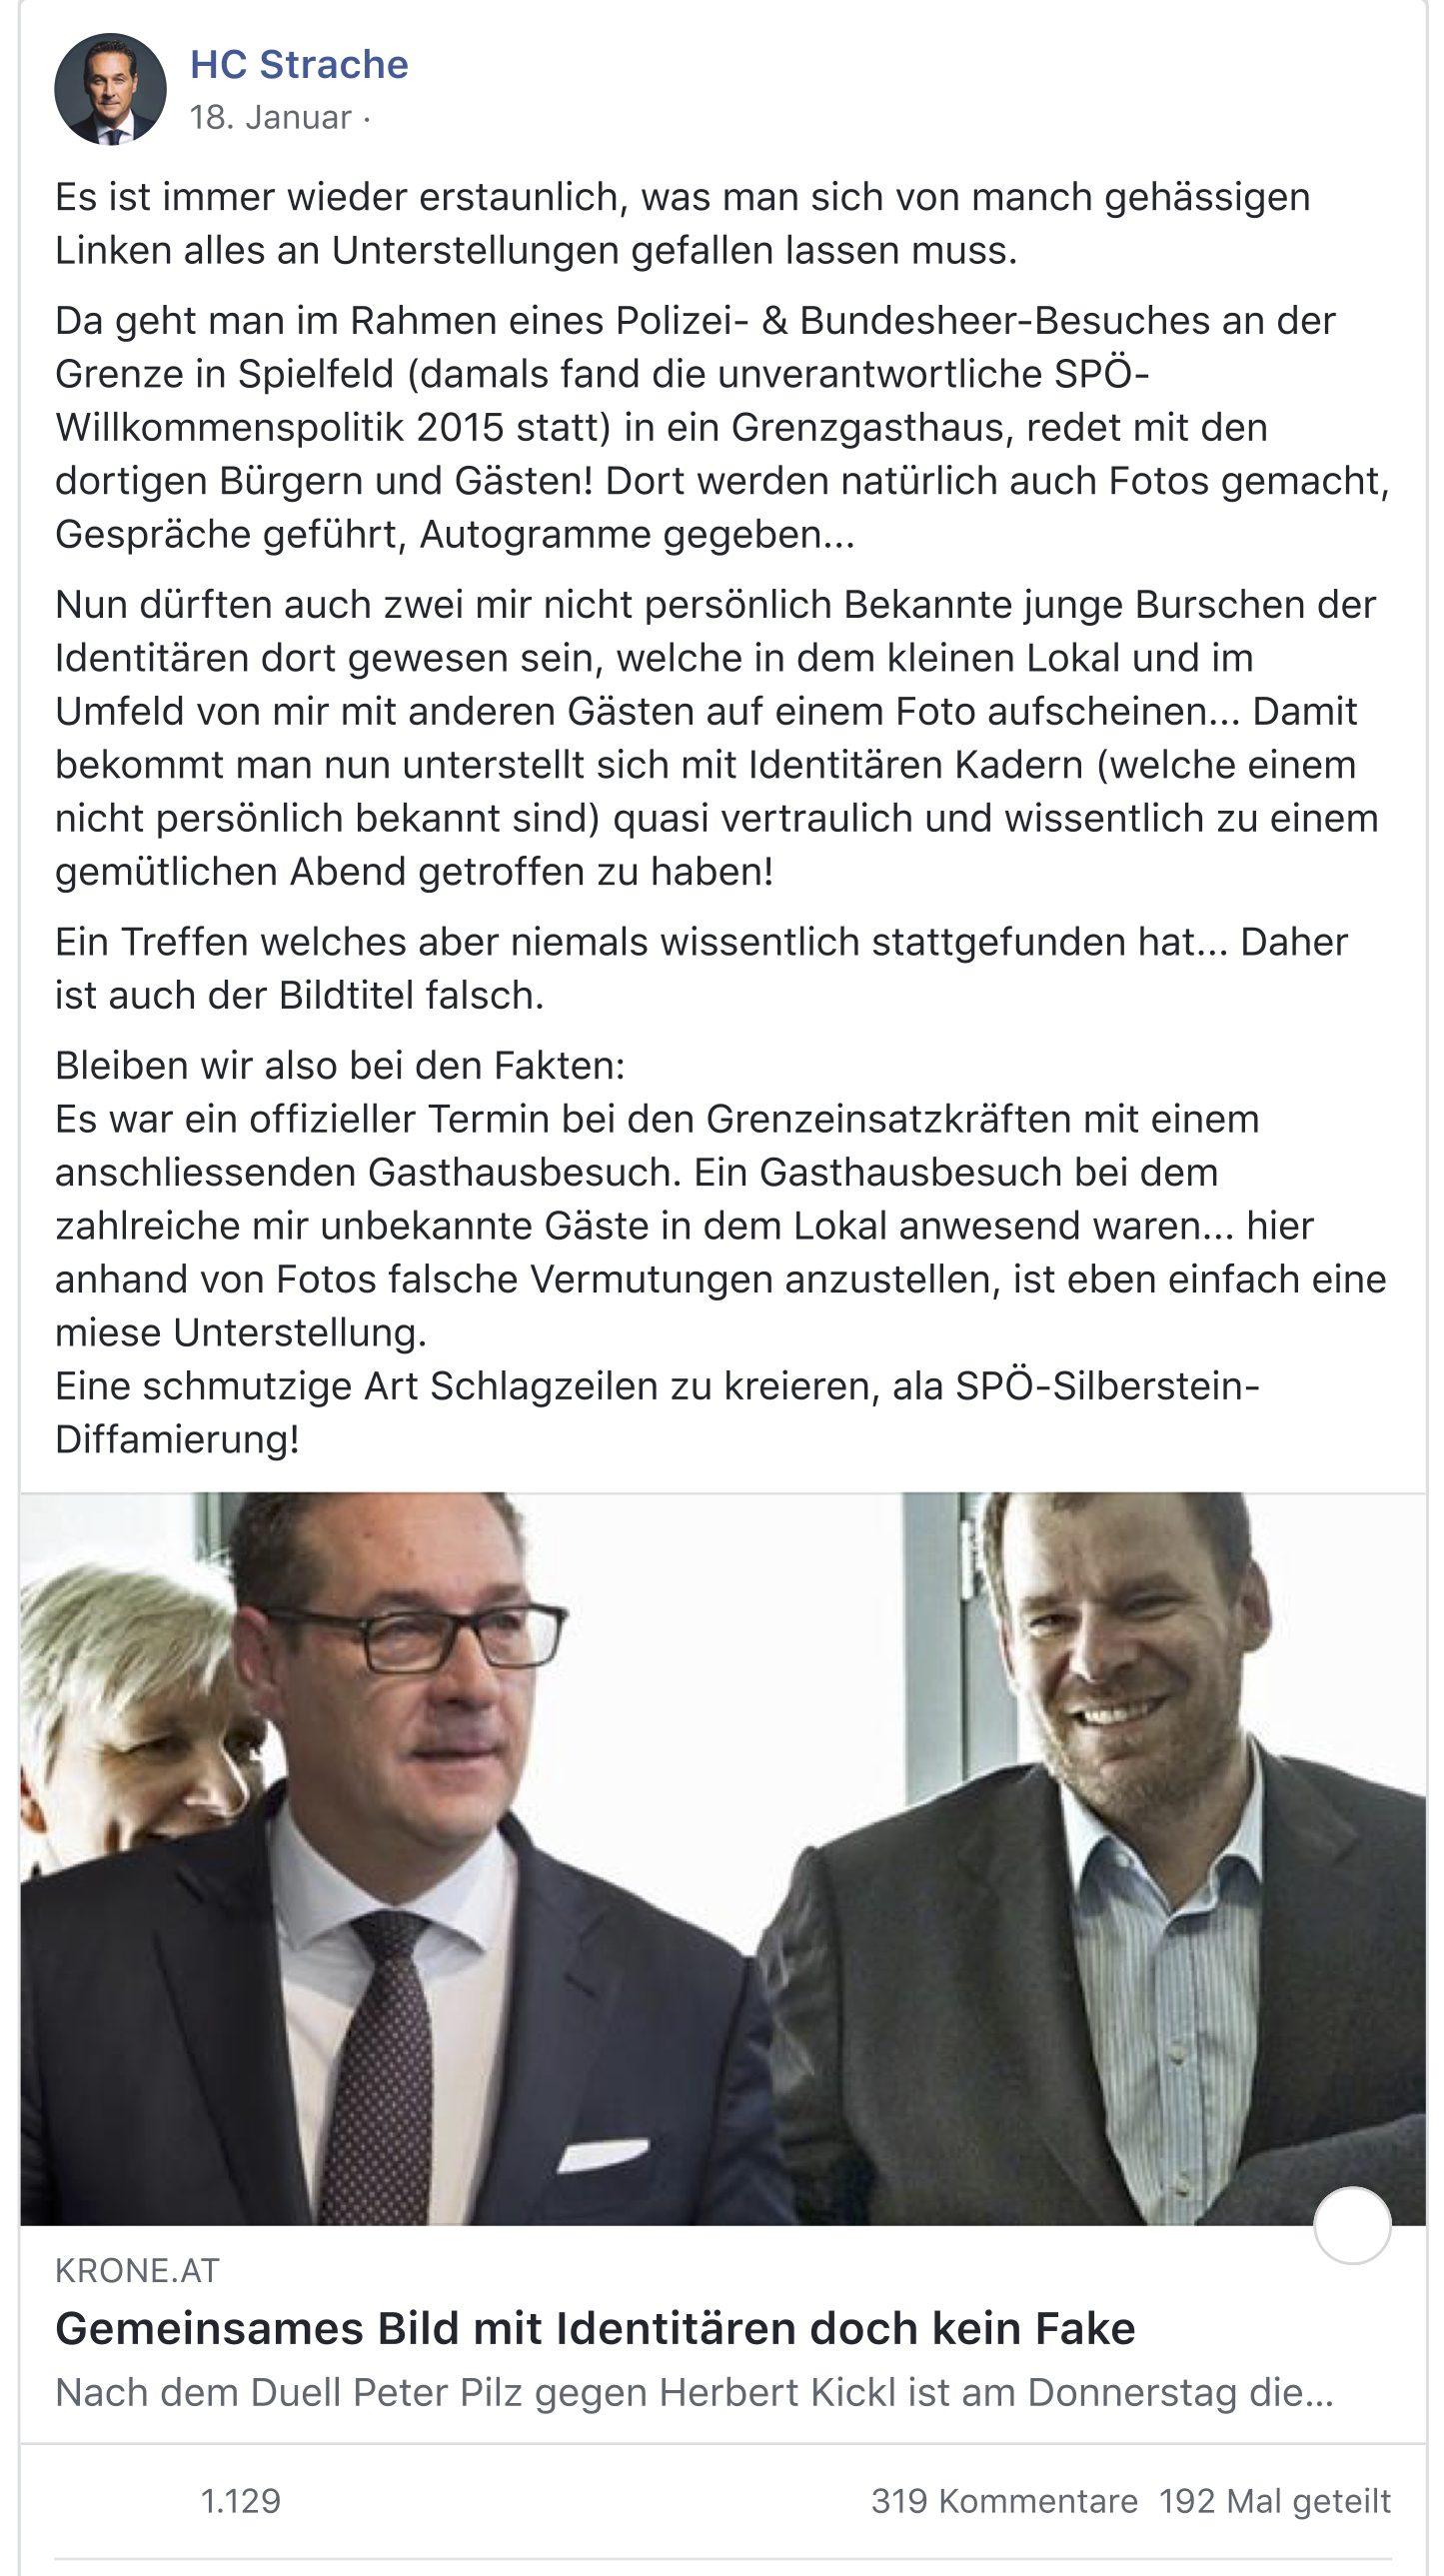 """Strache zum Zusammentreffen mit Identitären in Spielfeld/Straß: """"Treffen welches niemals wissentlich stattgefunden hat"""""""